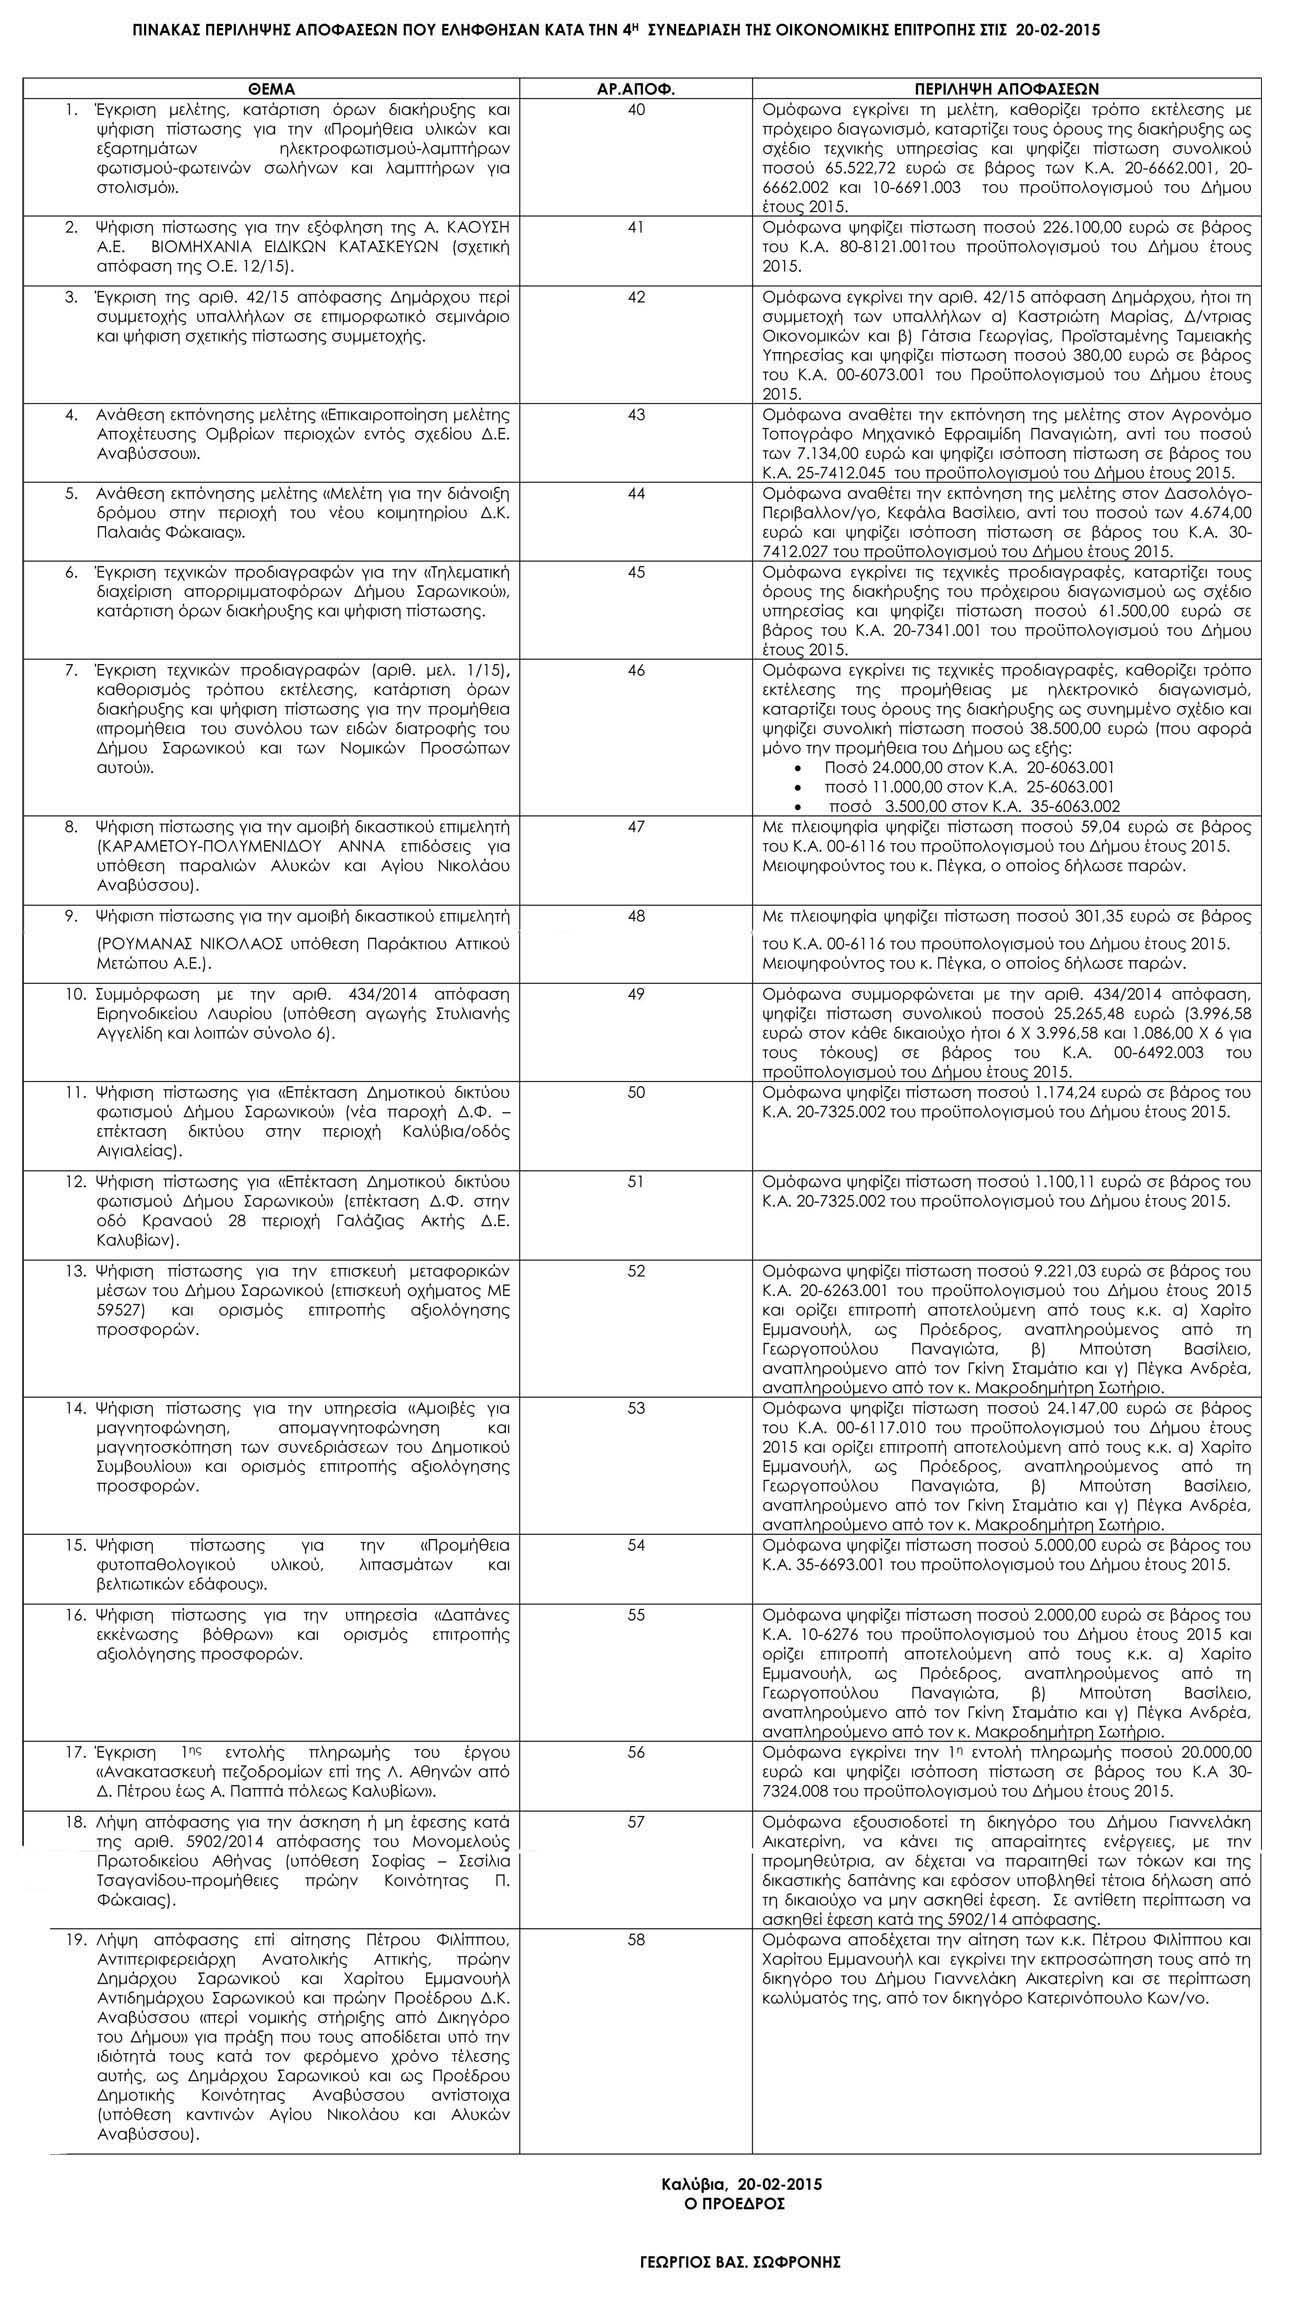 Πίνακας Αποφάσεων Οικονομικής Επιτροπής 20-2-2015